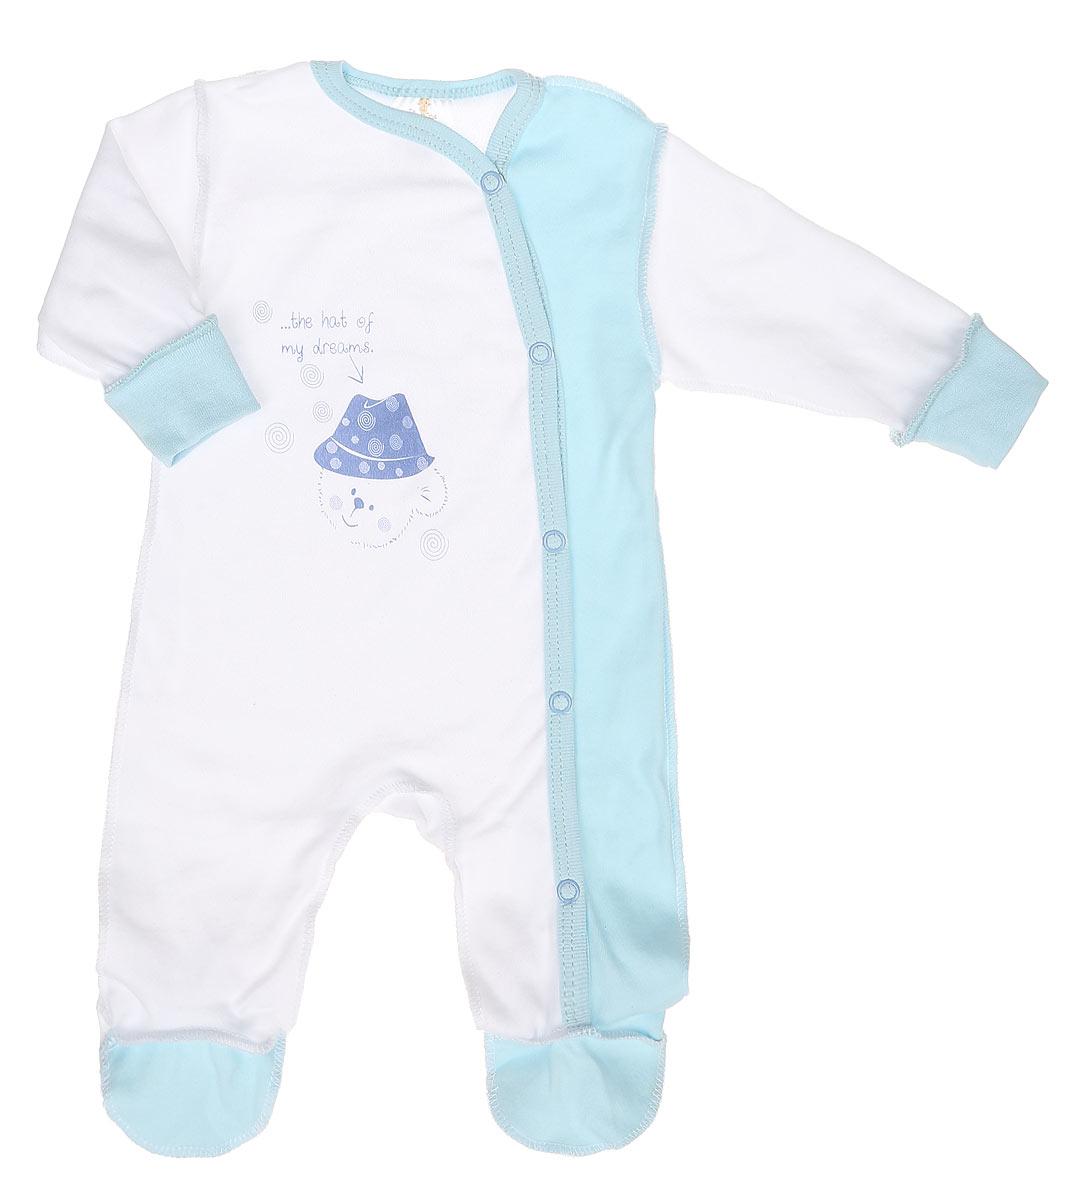 Комбинезон детский КотМарКот Мишка в шляпе, цвет: белый, голубой. 3674. Размер 86, 12 месяцев3674Удобный комбинезон КотМарКот Мишка в шляпе идеально подойдет вашему младенцу, обеспечивая ему максимальный комфорт. Изготовленный из интерлока - натурального хлопка, он очень мягкий на ощупь, не раздражает даже самую нежную и чувствительную кожу ребенка.Комбинезон с длинными рукавами, V-образным вырезом горловины и закрытыми ножками имеет застежки-кнопки от горловины до щиколотки, которые помогают легко переодеть младенца или сменить подгузник. Низ рукавов дополнен широкими трикотажными манжетами. Спереди он оформлен принтом с изображением медвежонка, а также принтовой надписью на английском языке. С комбинезоном спинка и ножки вашего крохи всегда будут в тепле.Современный дизайн и модная расцветка делают этот комбинезон незаменимым предметом детского гардероба. В нем ваш ребенок всегда будет в центре внимания! УВАЖАЕМЫЕ КЛИЕНТЫ! Обращаем ваше внимание на тот факт, что для самых маленьких размеров швы изделия выполнены наружу.